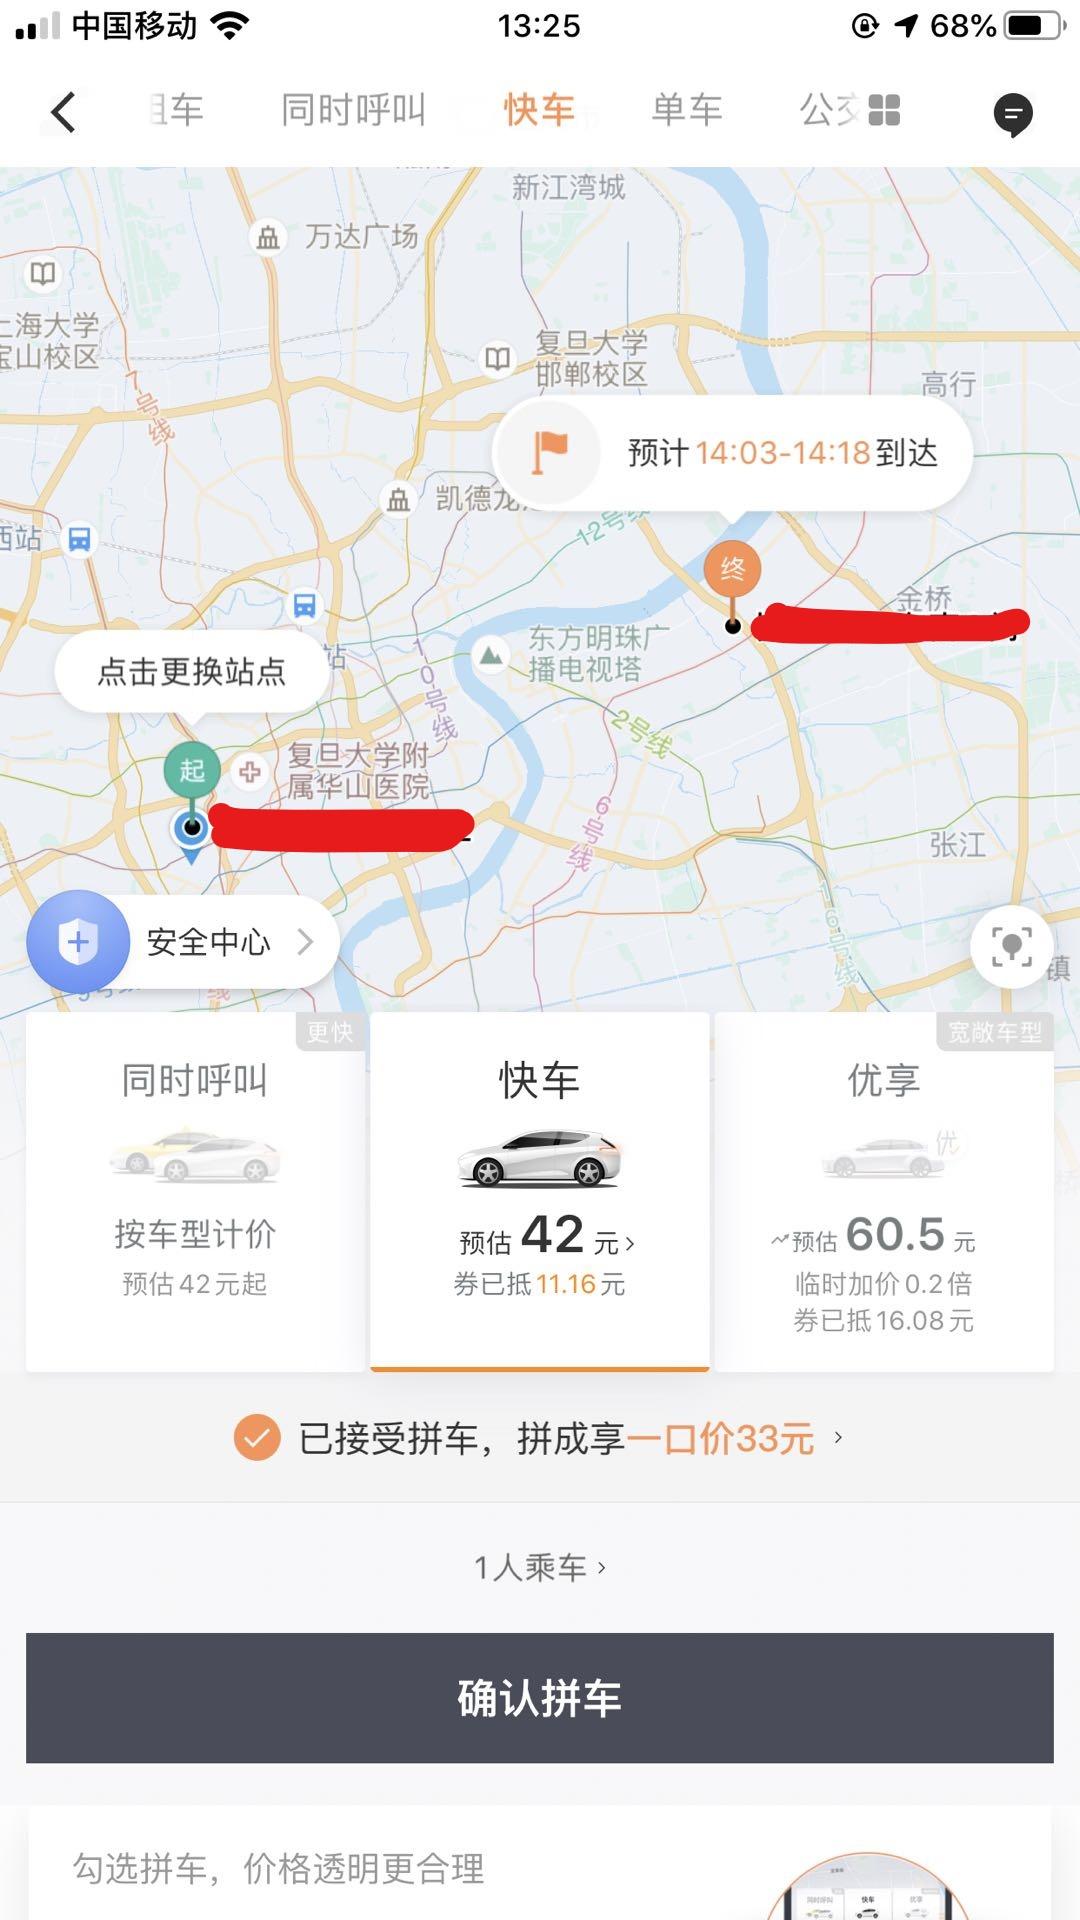 白菜大全论坛99 深圳调整城中村改造模式 原住民拆迁暴富梦破碎